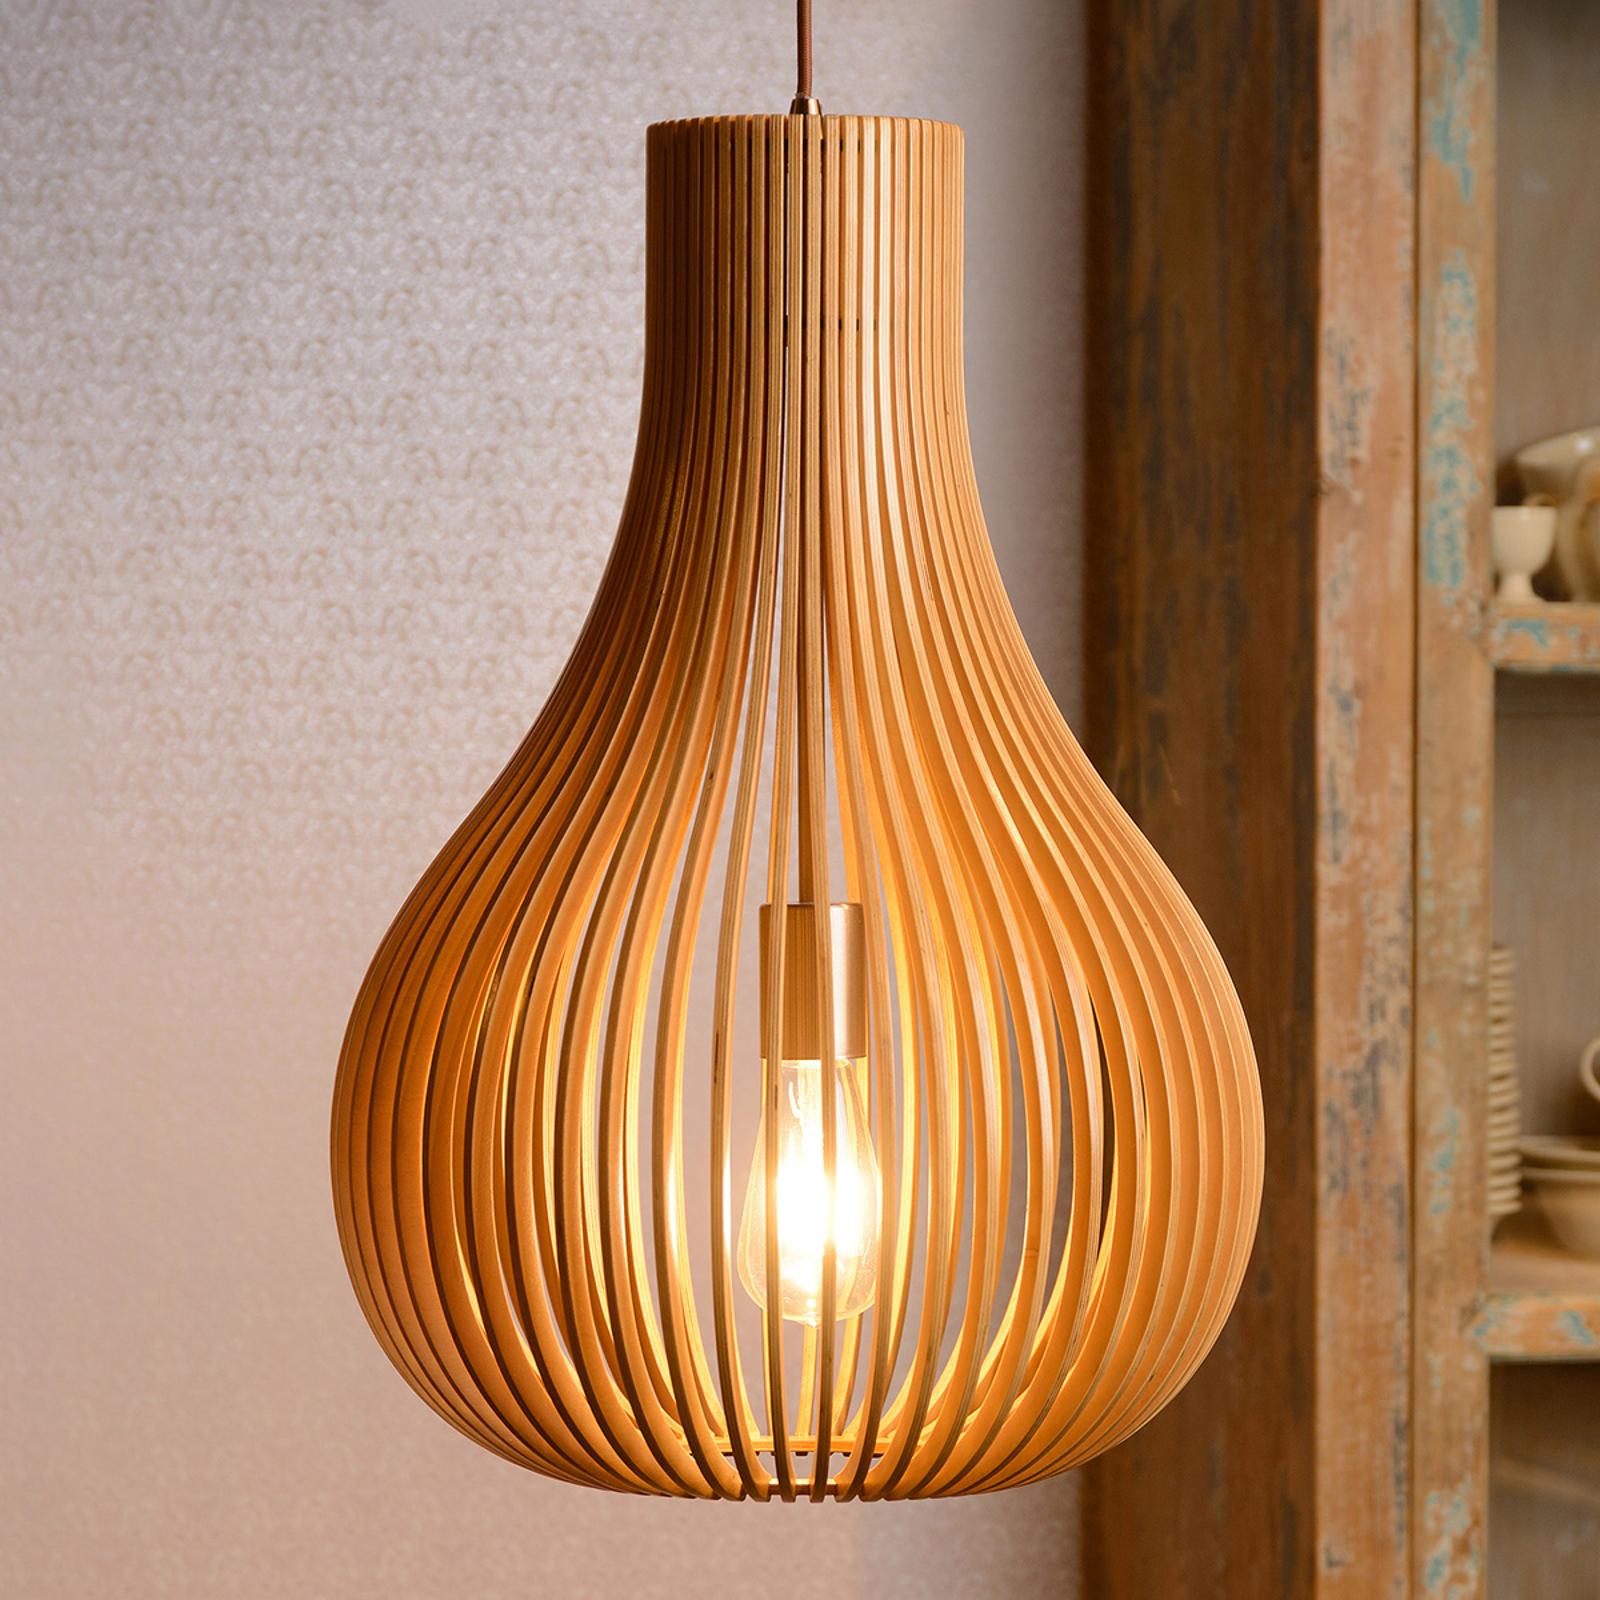 Lampa wisząca Bodo, drewno jasne